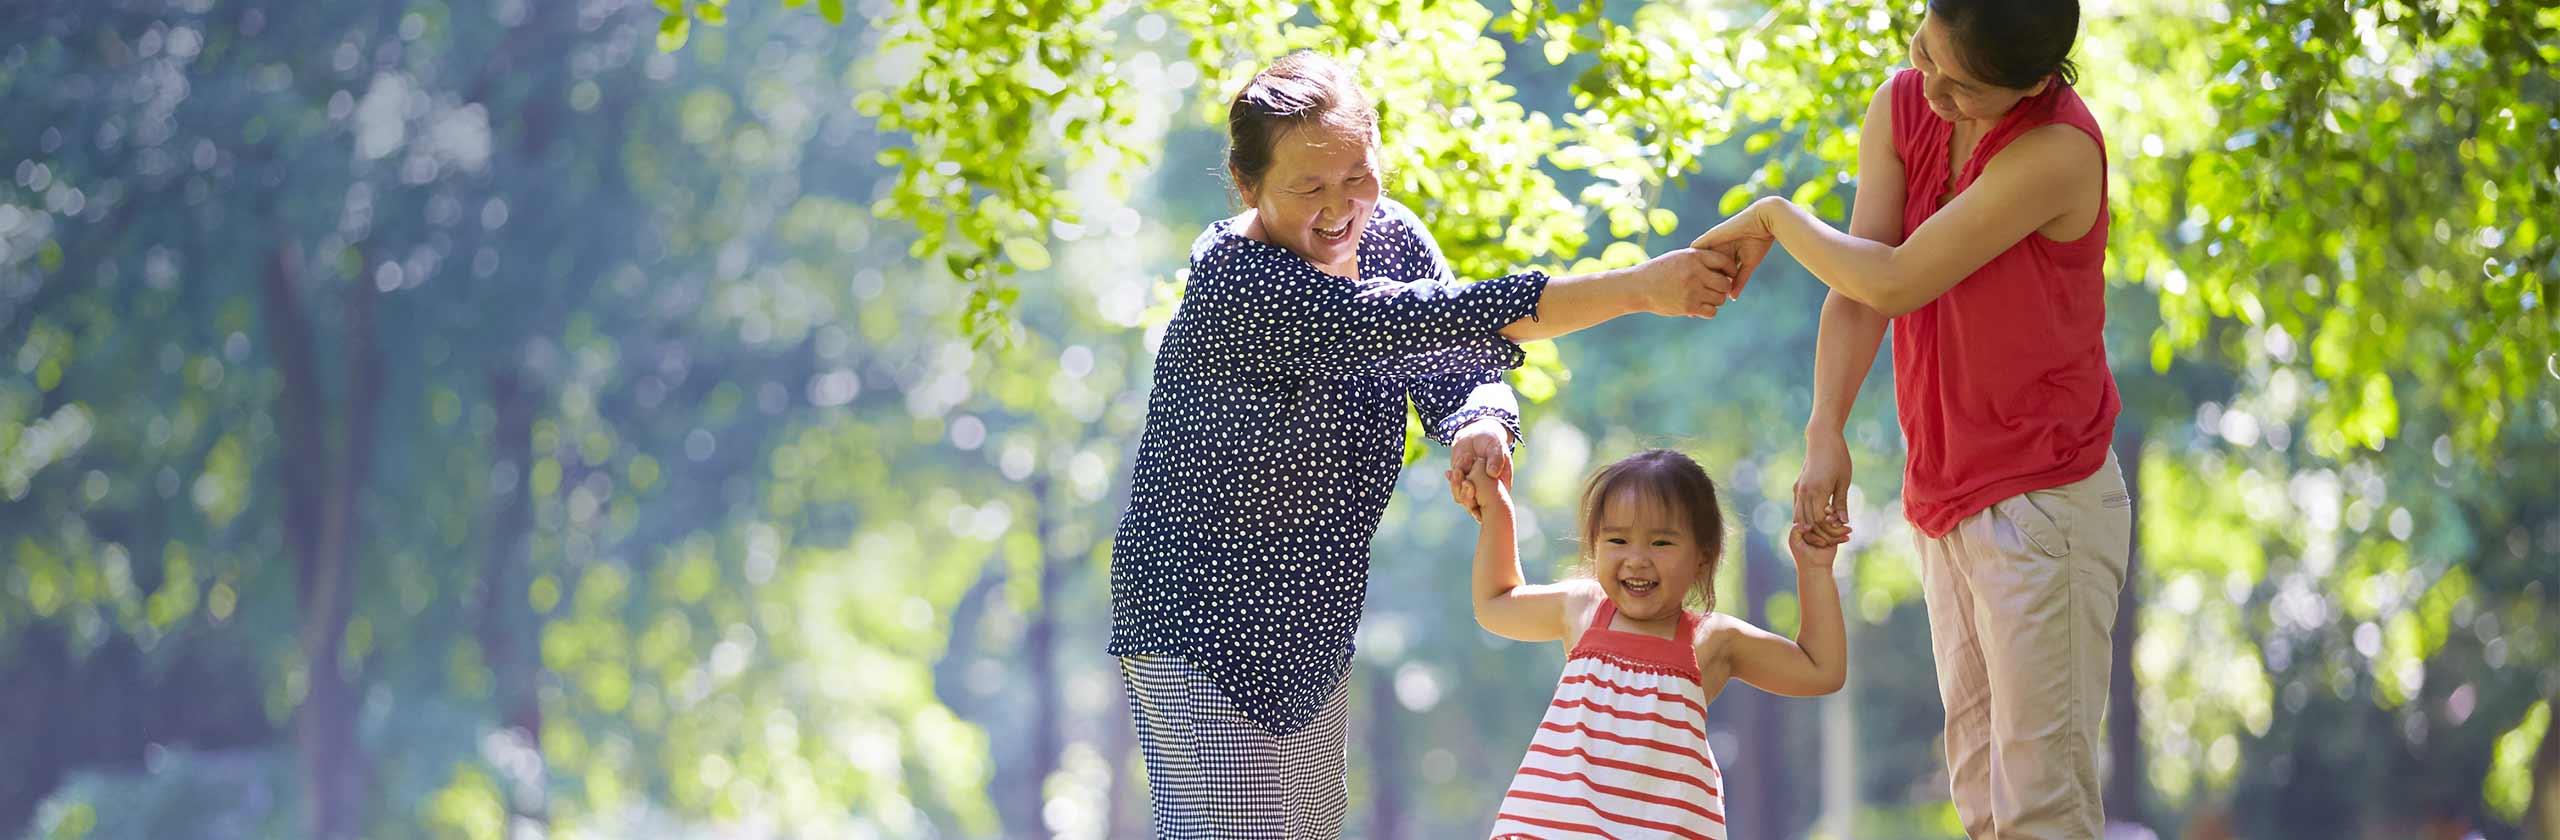 Imagen de una familia feliz cogida de las manos mientras da un paseo al aire libre.